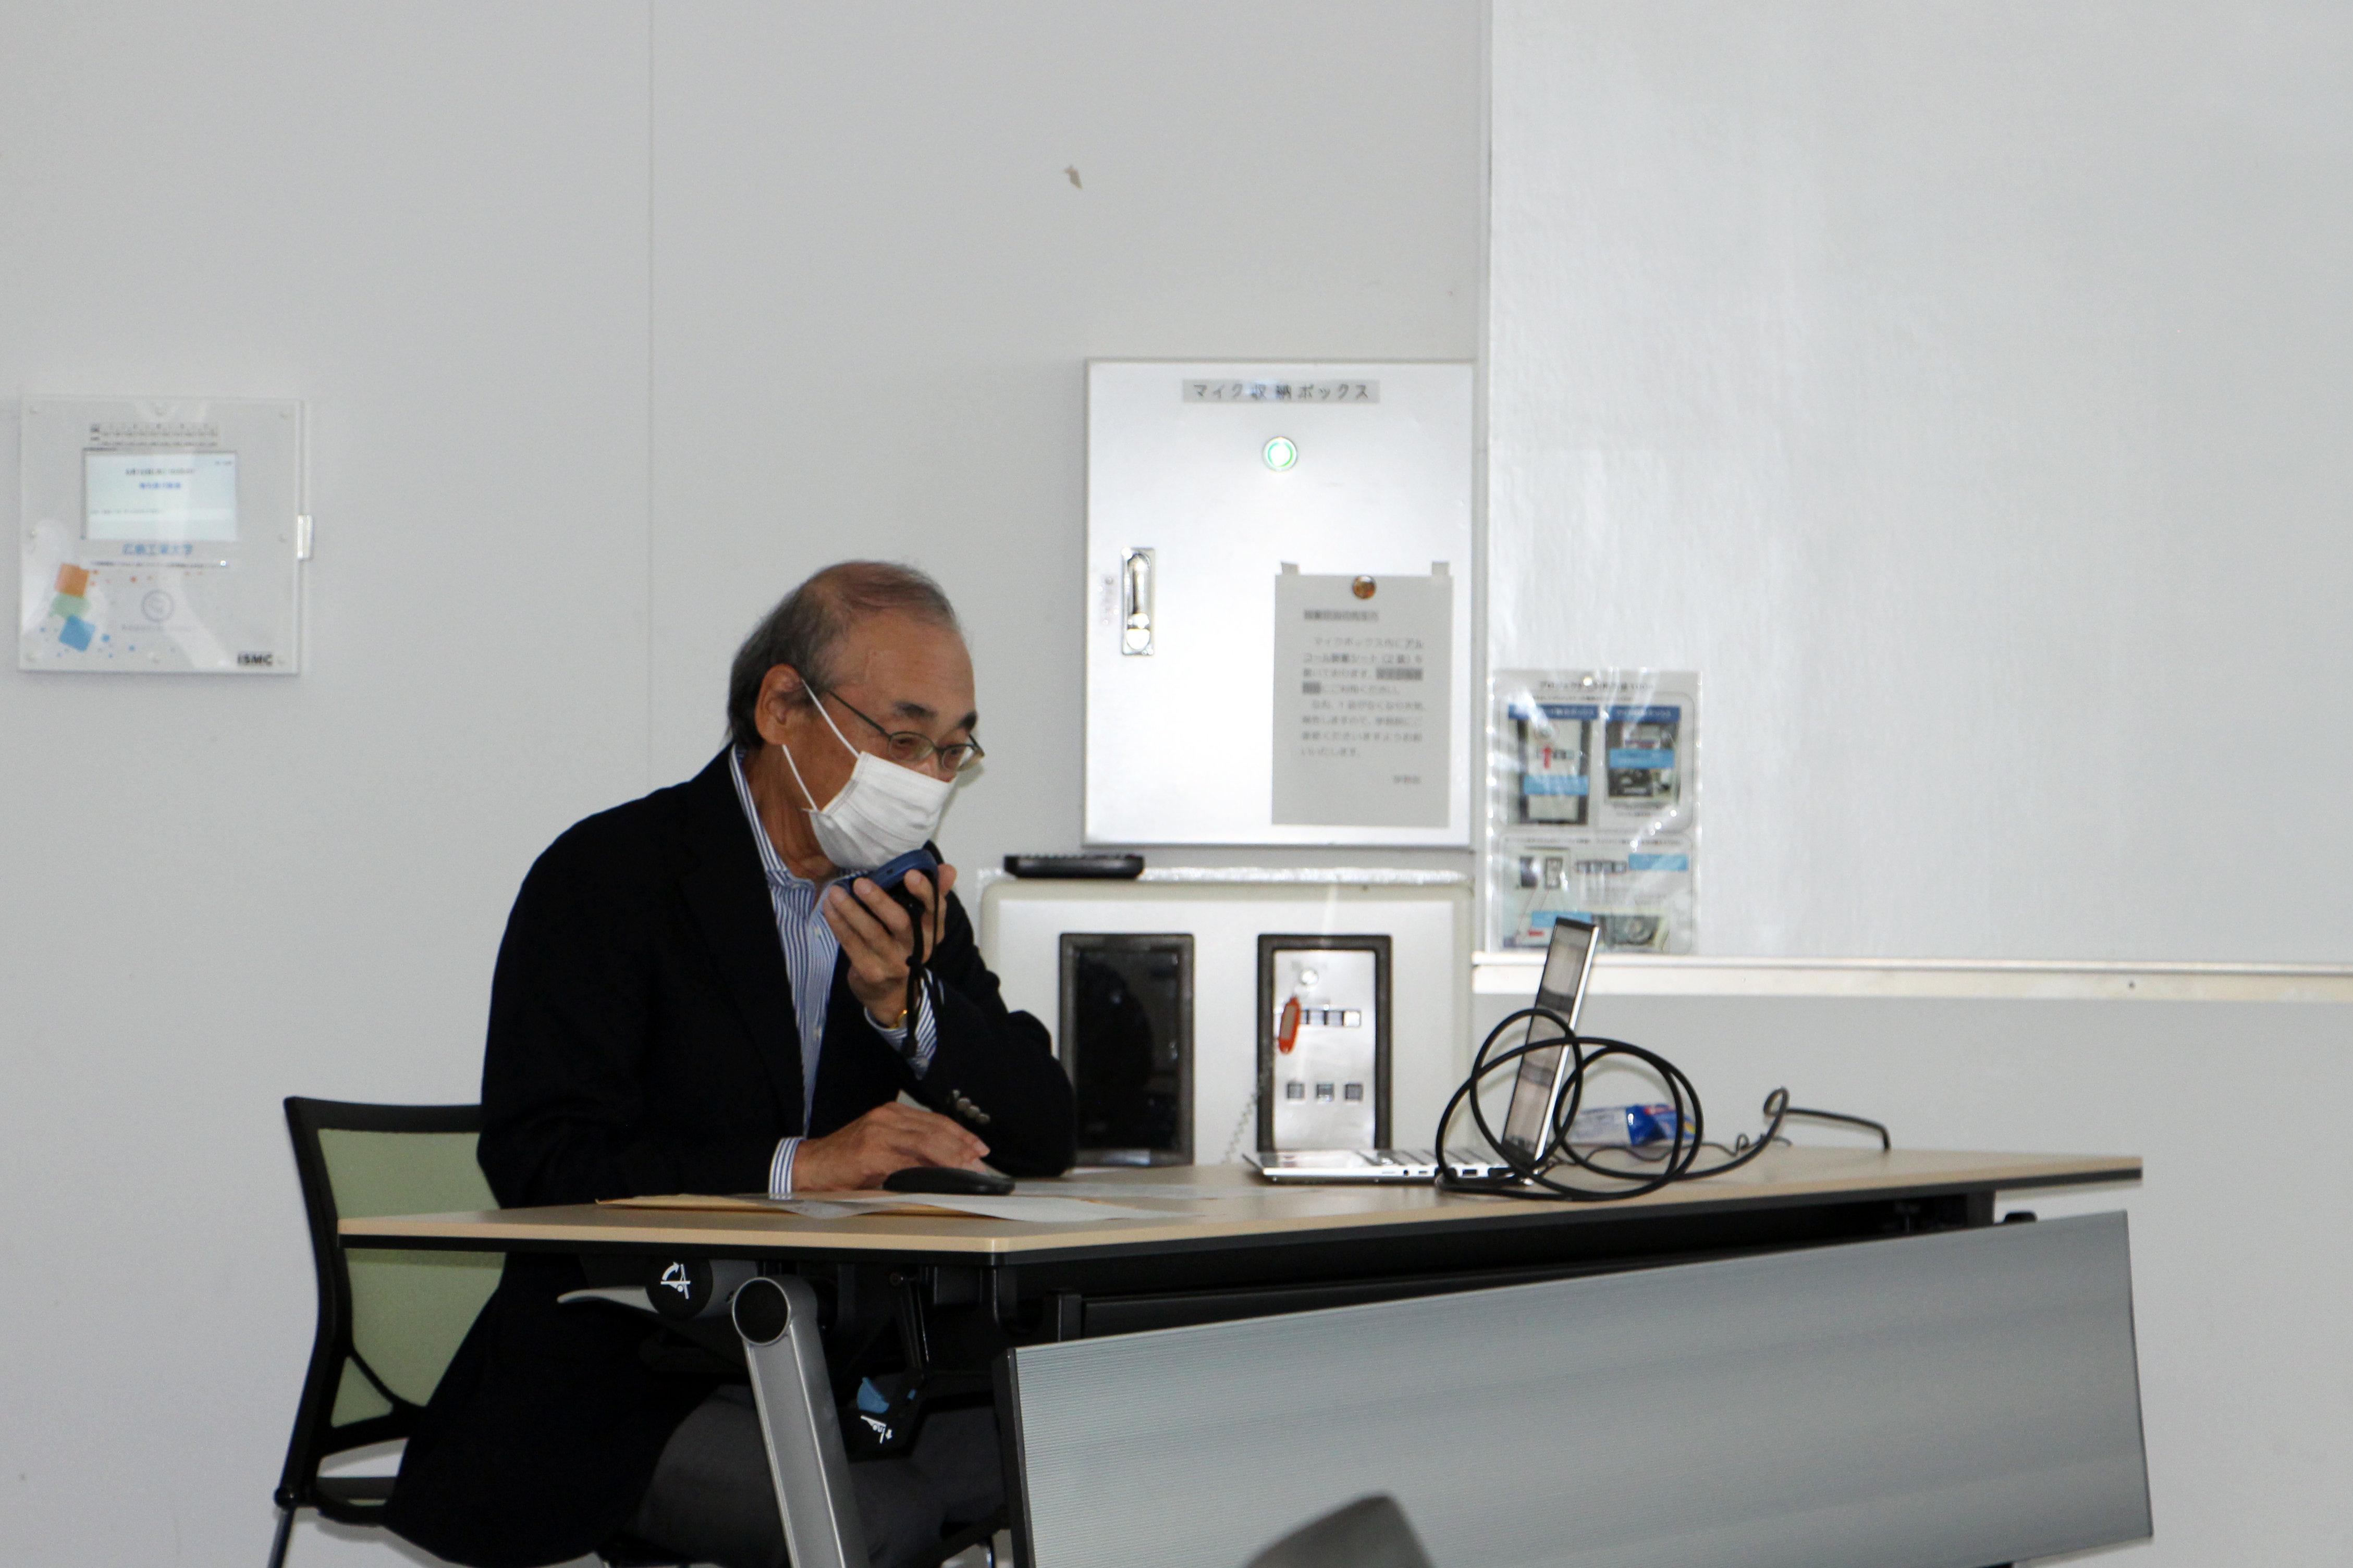 産業界や公的機関など様々な場面で活躍する「技術士」について説明される大田中国本部長